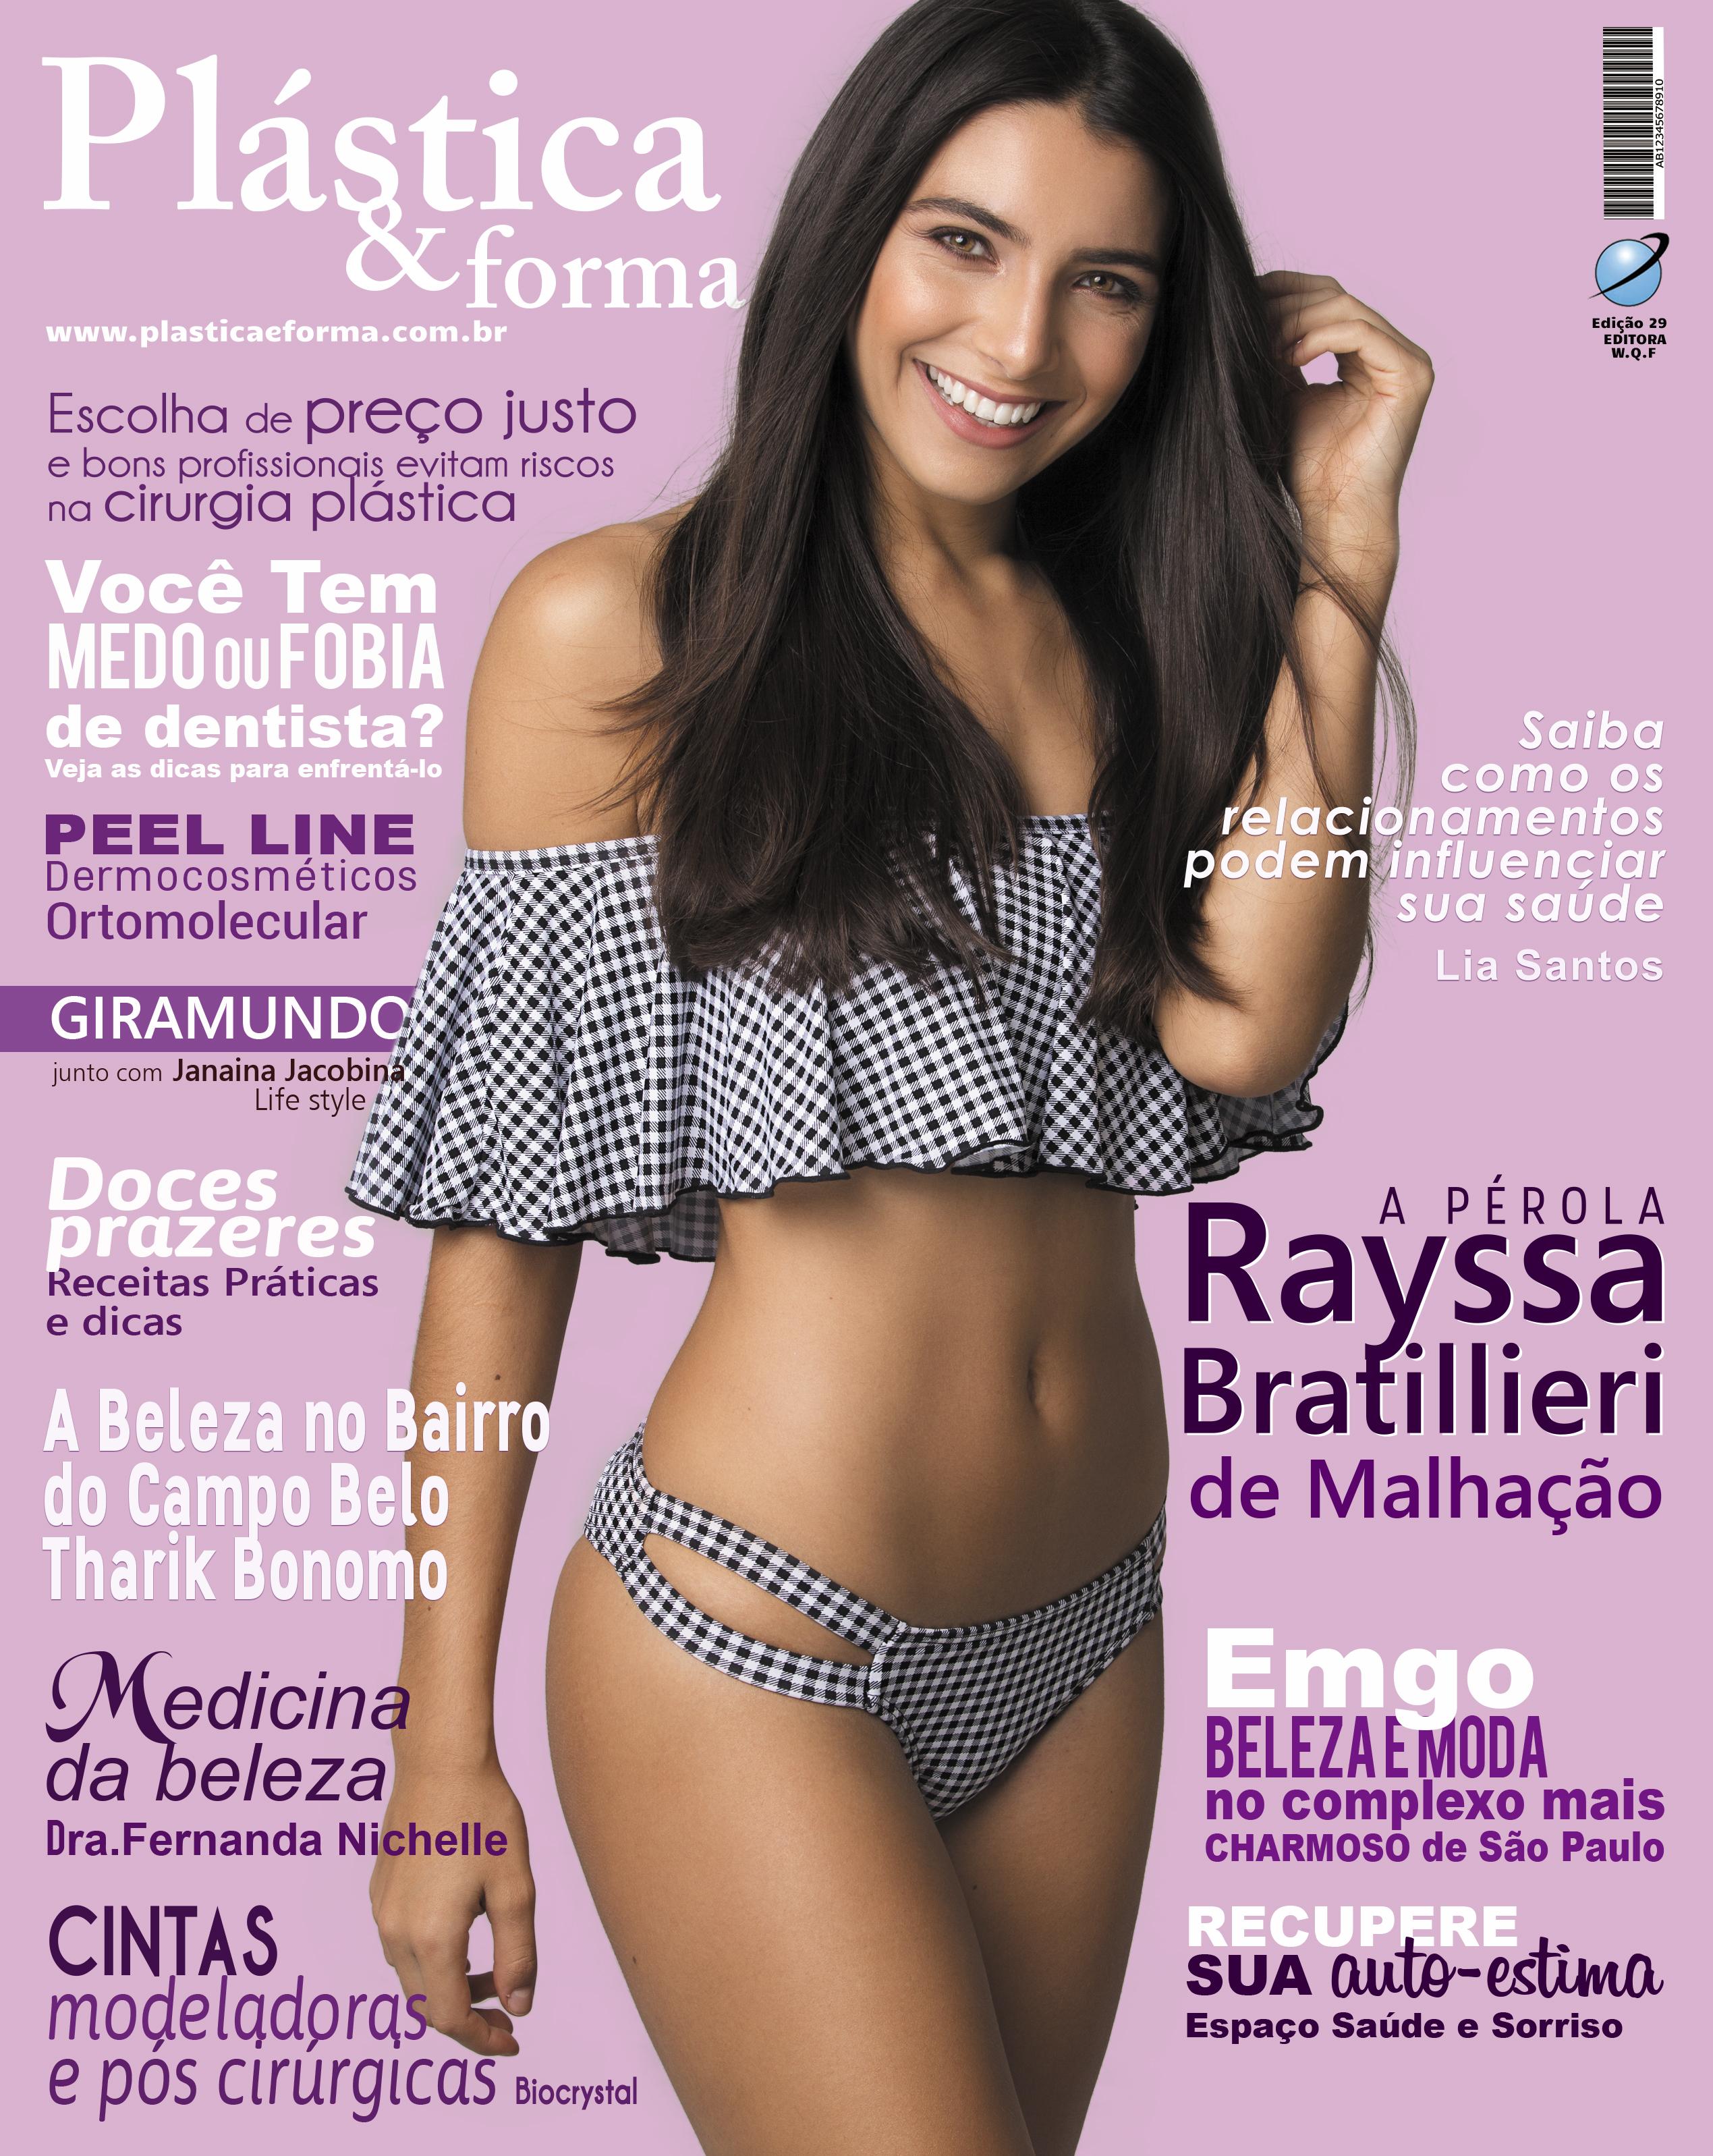 CAPA_RAYSSA_EDIÇÃO_ESCOLHIDA_CURVAS_(1).